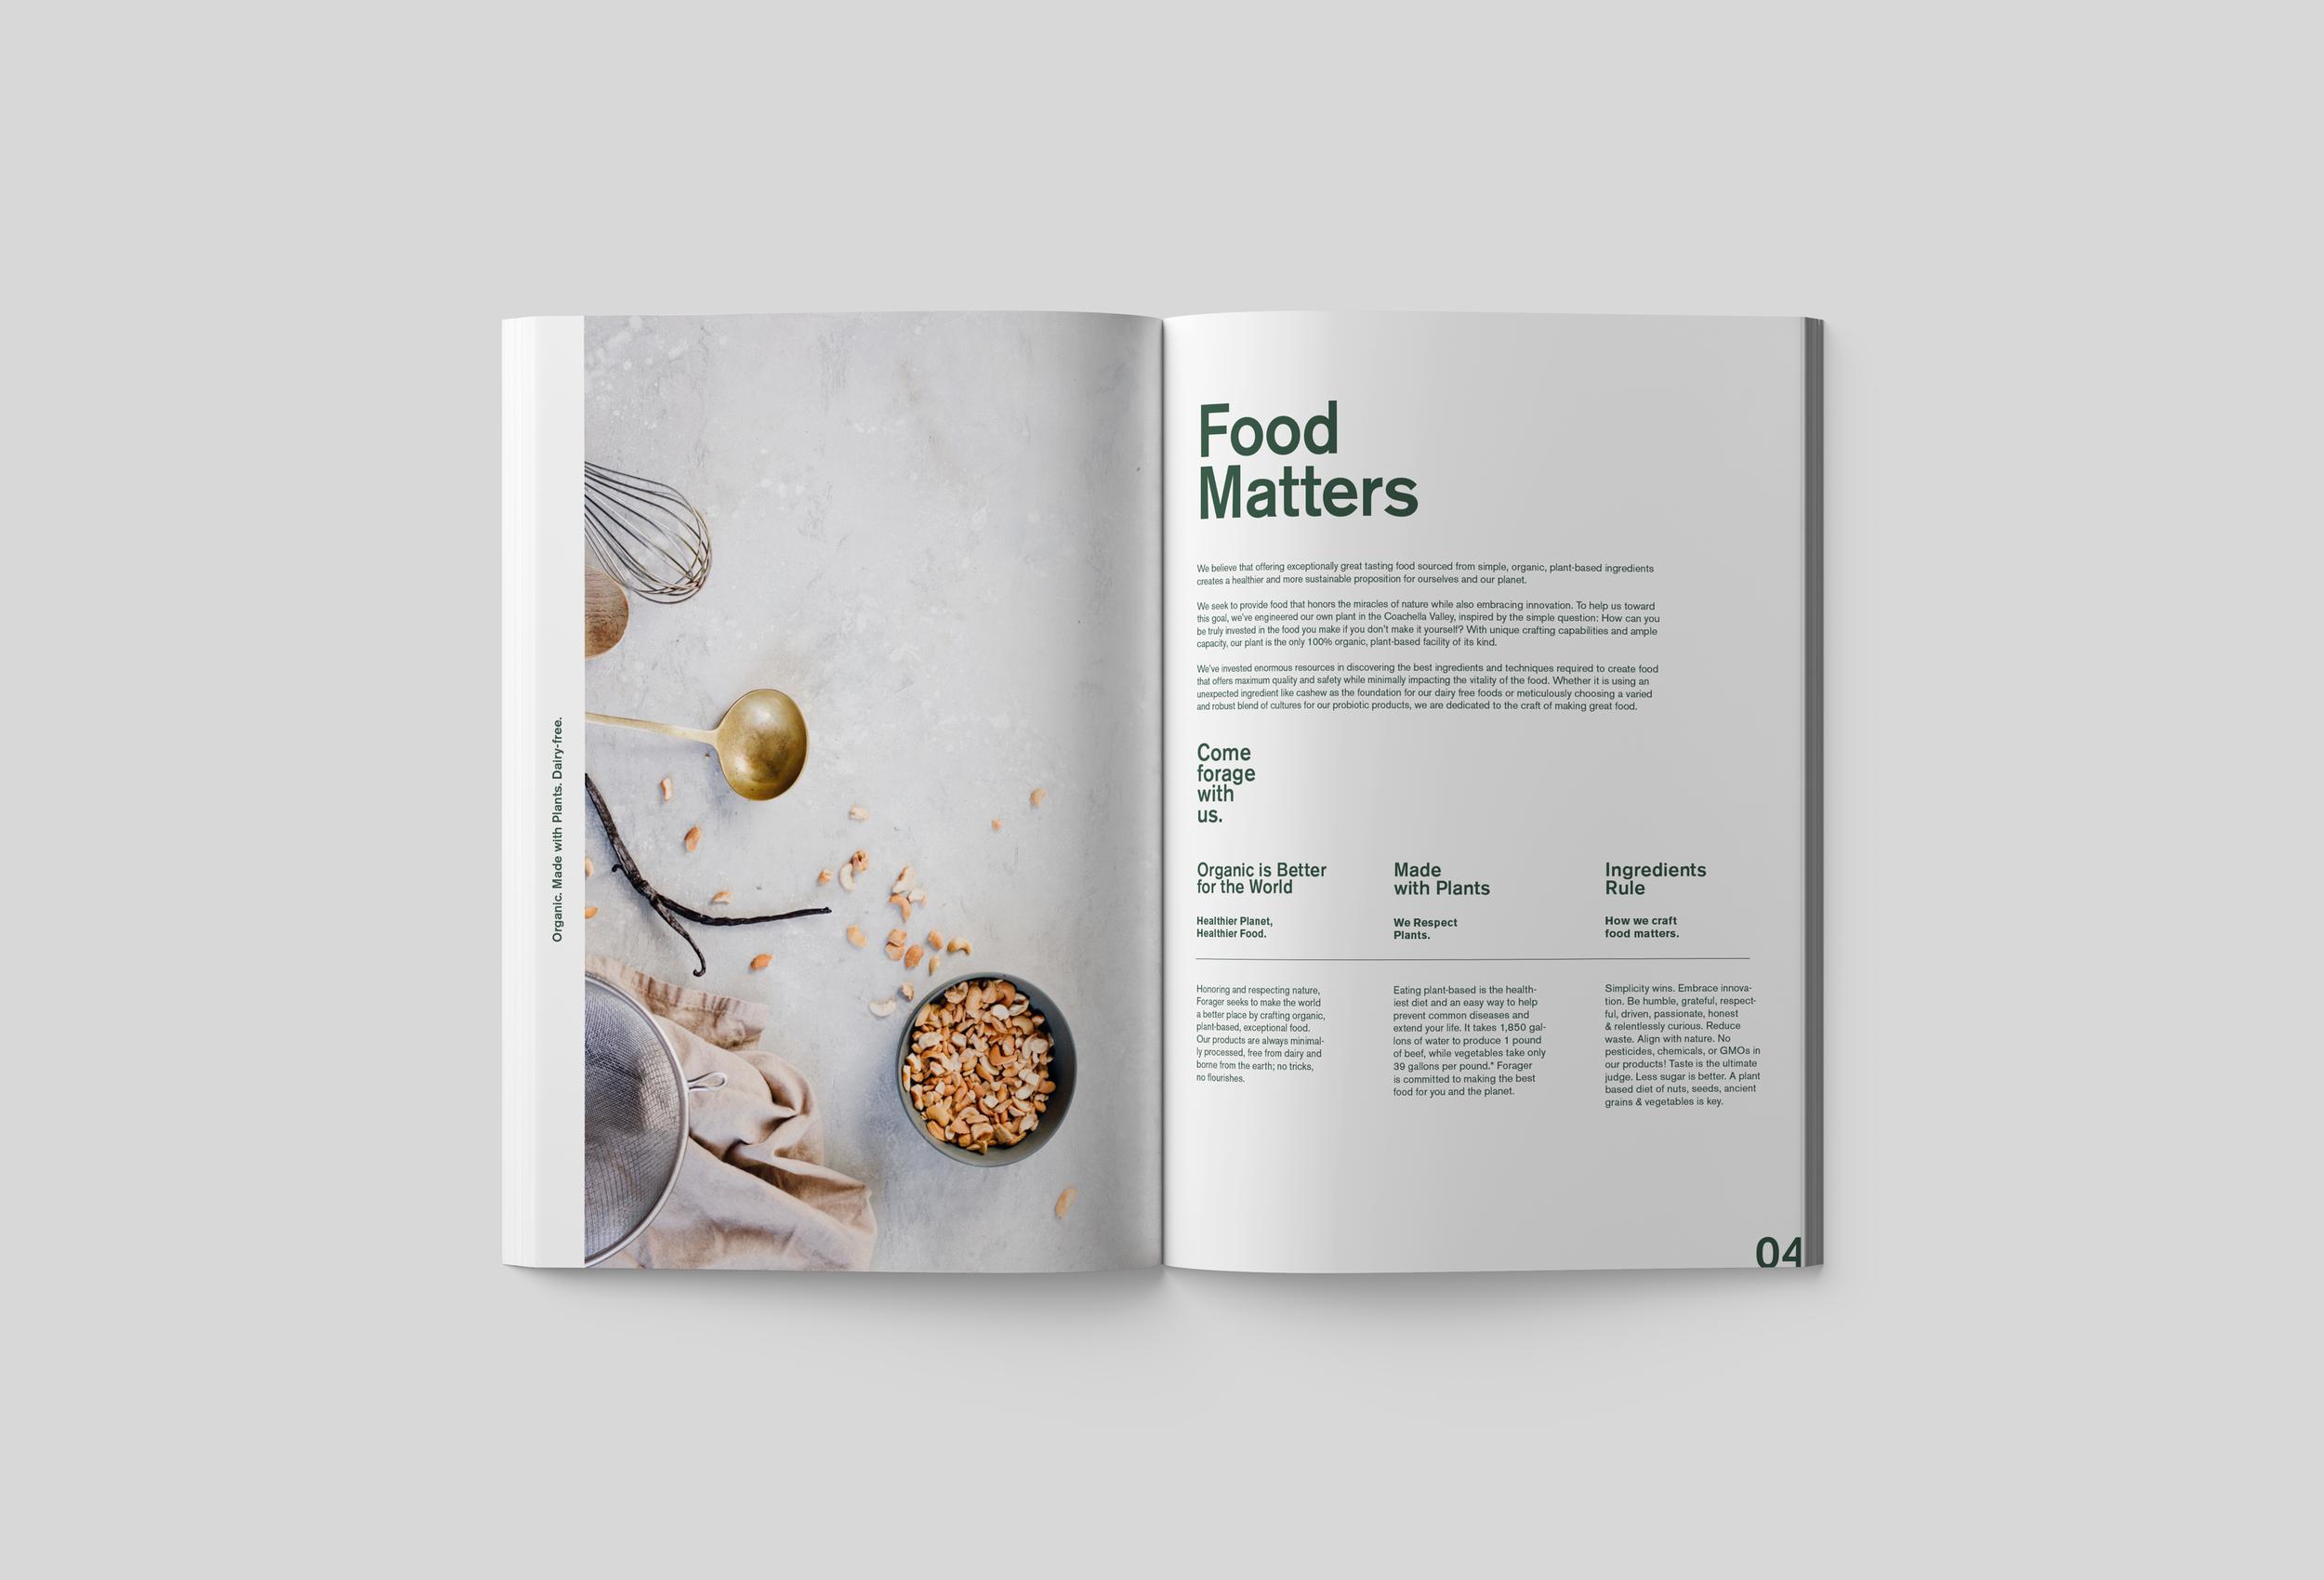 Foragermag-spread-FoodMatters.png